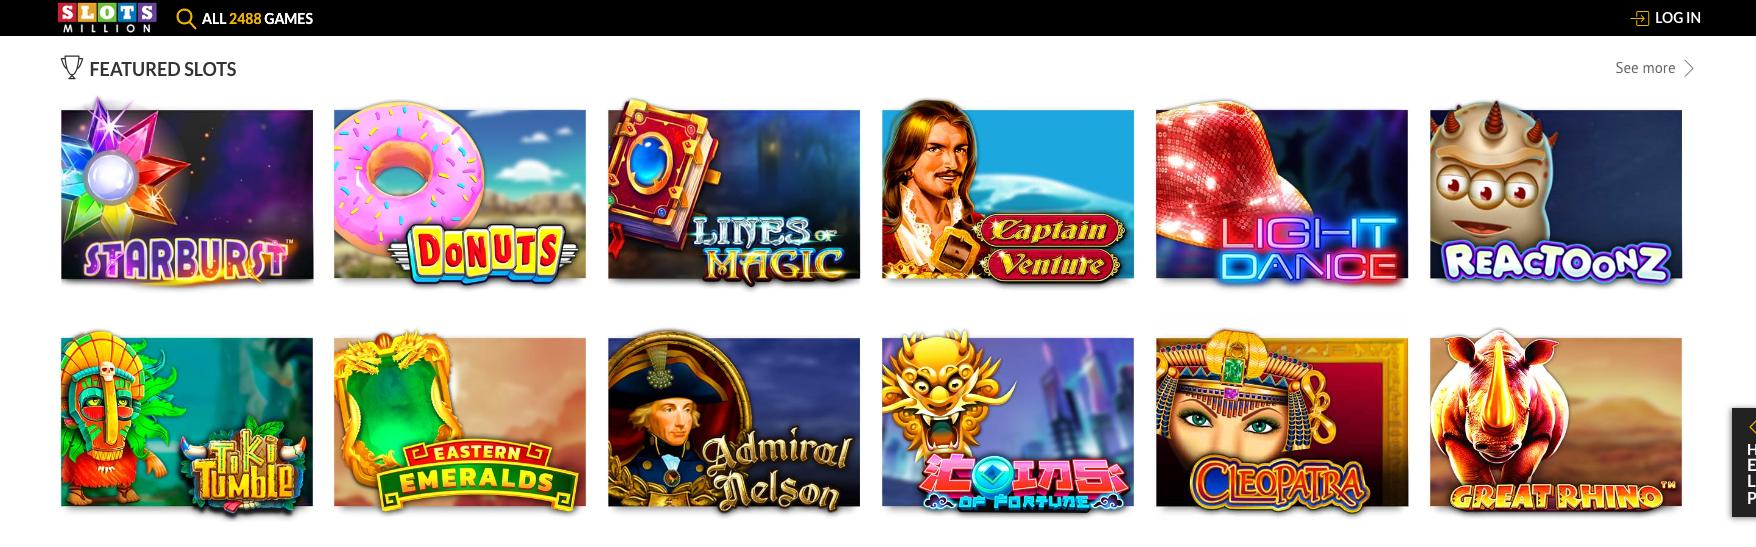 Slotsmillion Casino bonus tarjoaa